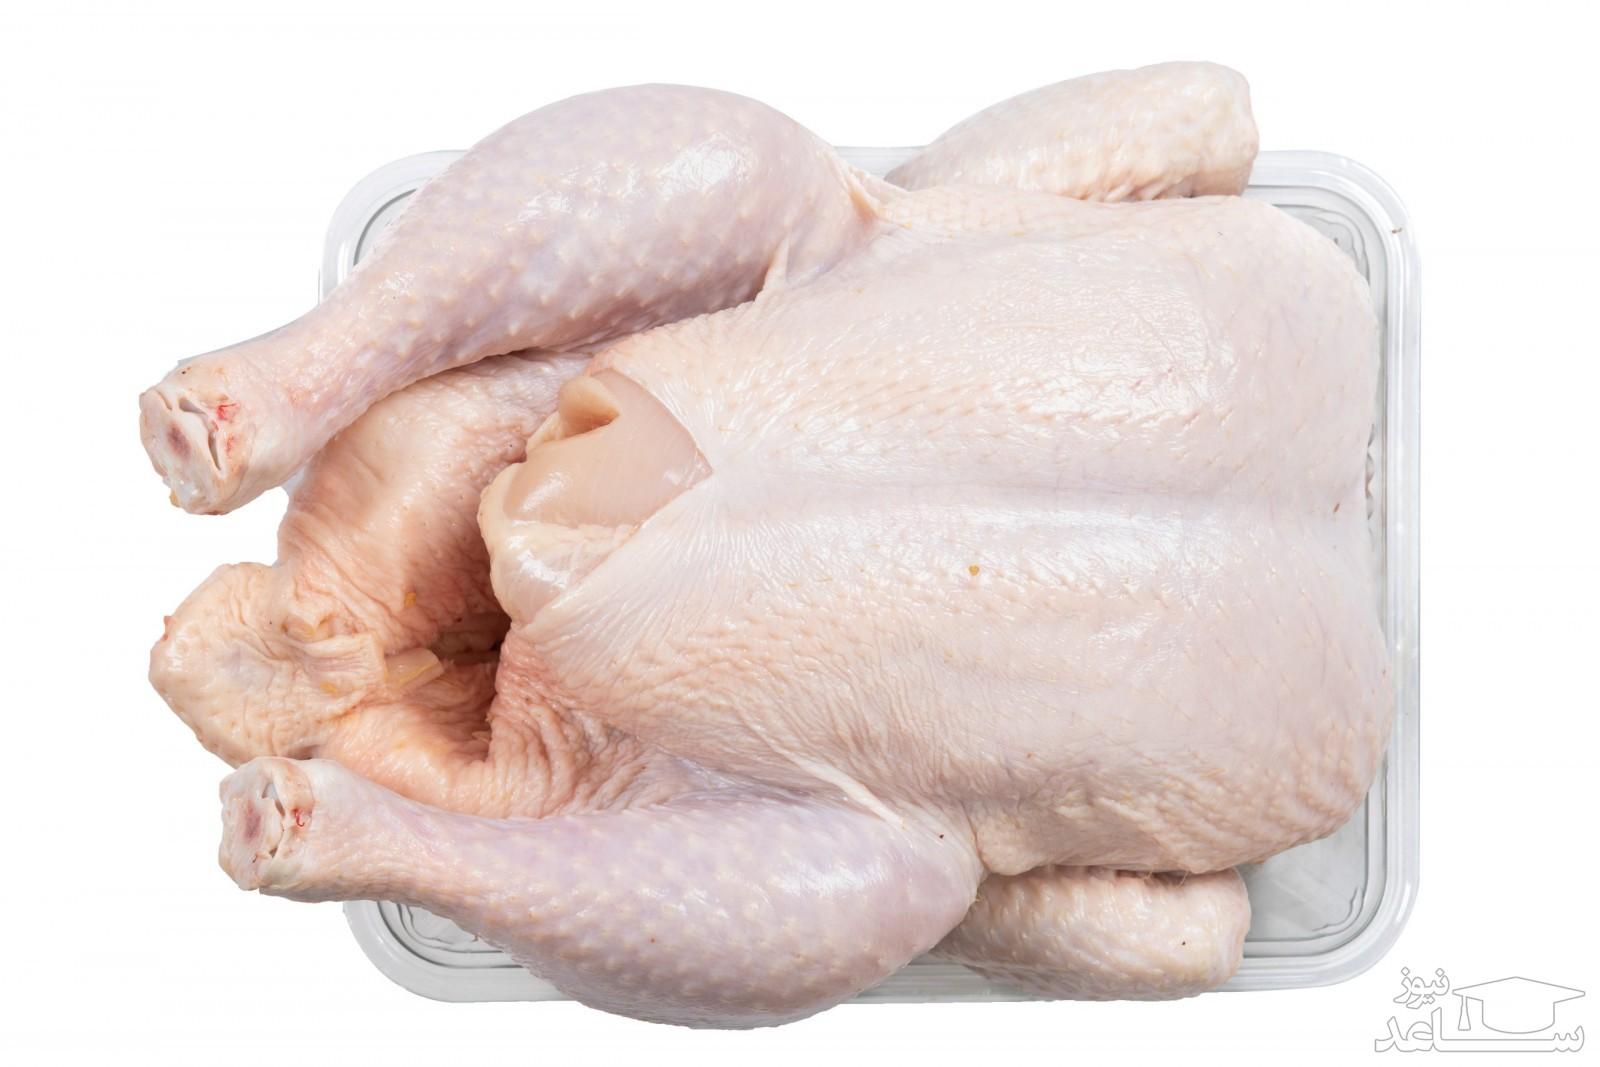 قیمت هر کیلو مرغ در بازار امروز چقدر است؟